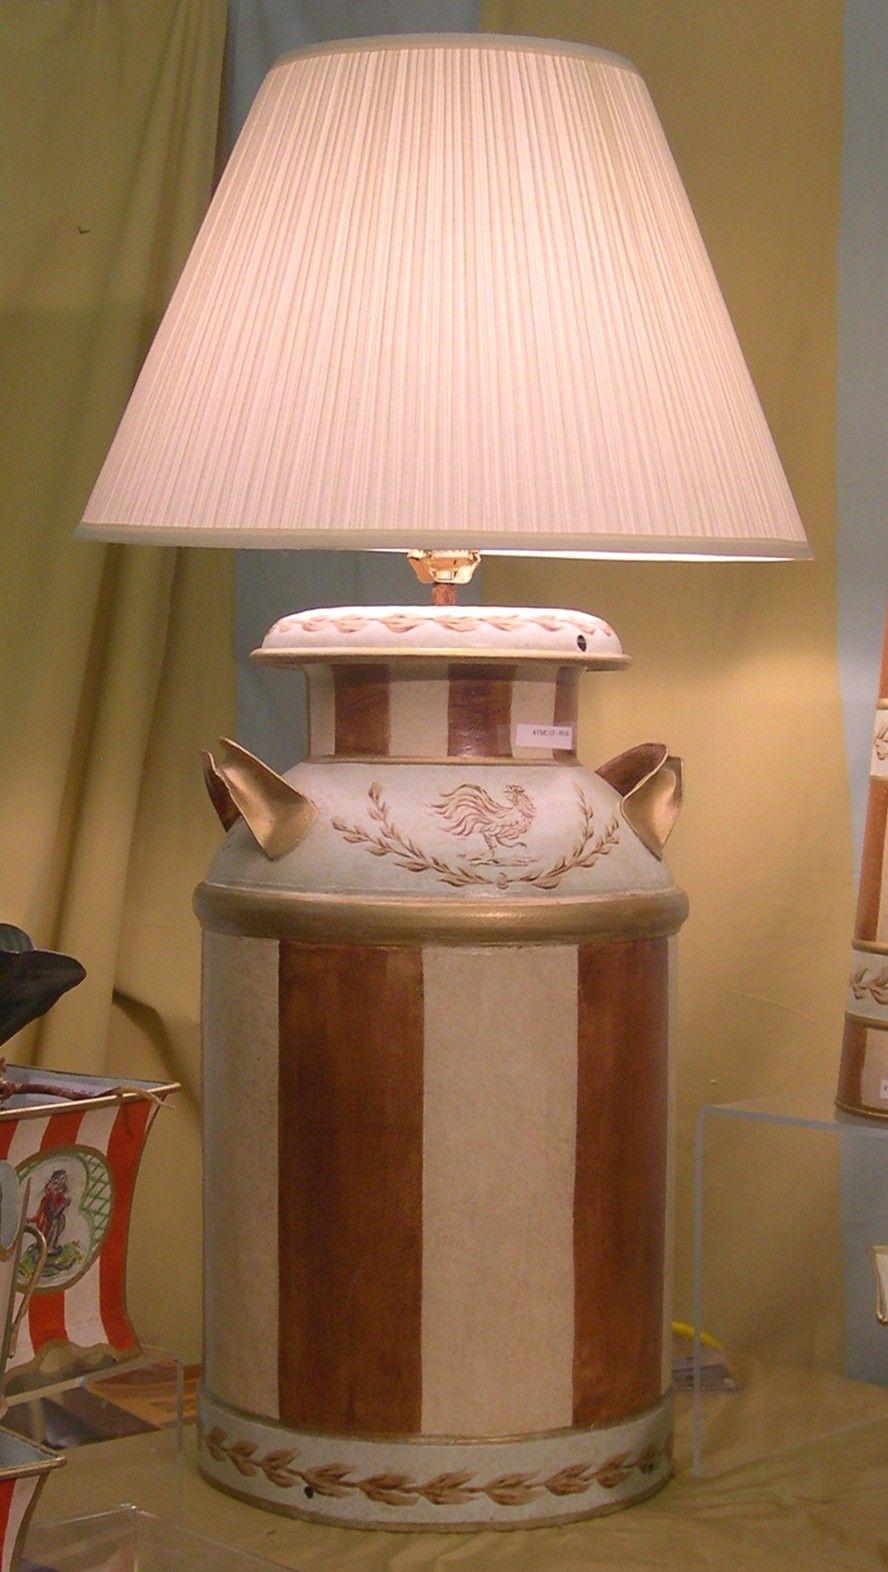 Vintage Milk Can Lamp In Brown Balloon Hand Painted Tole Porterstarrltd Houseofbern Lamparas Artesanales Decoracion De Muebles Muebles Pintados A Mano